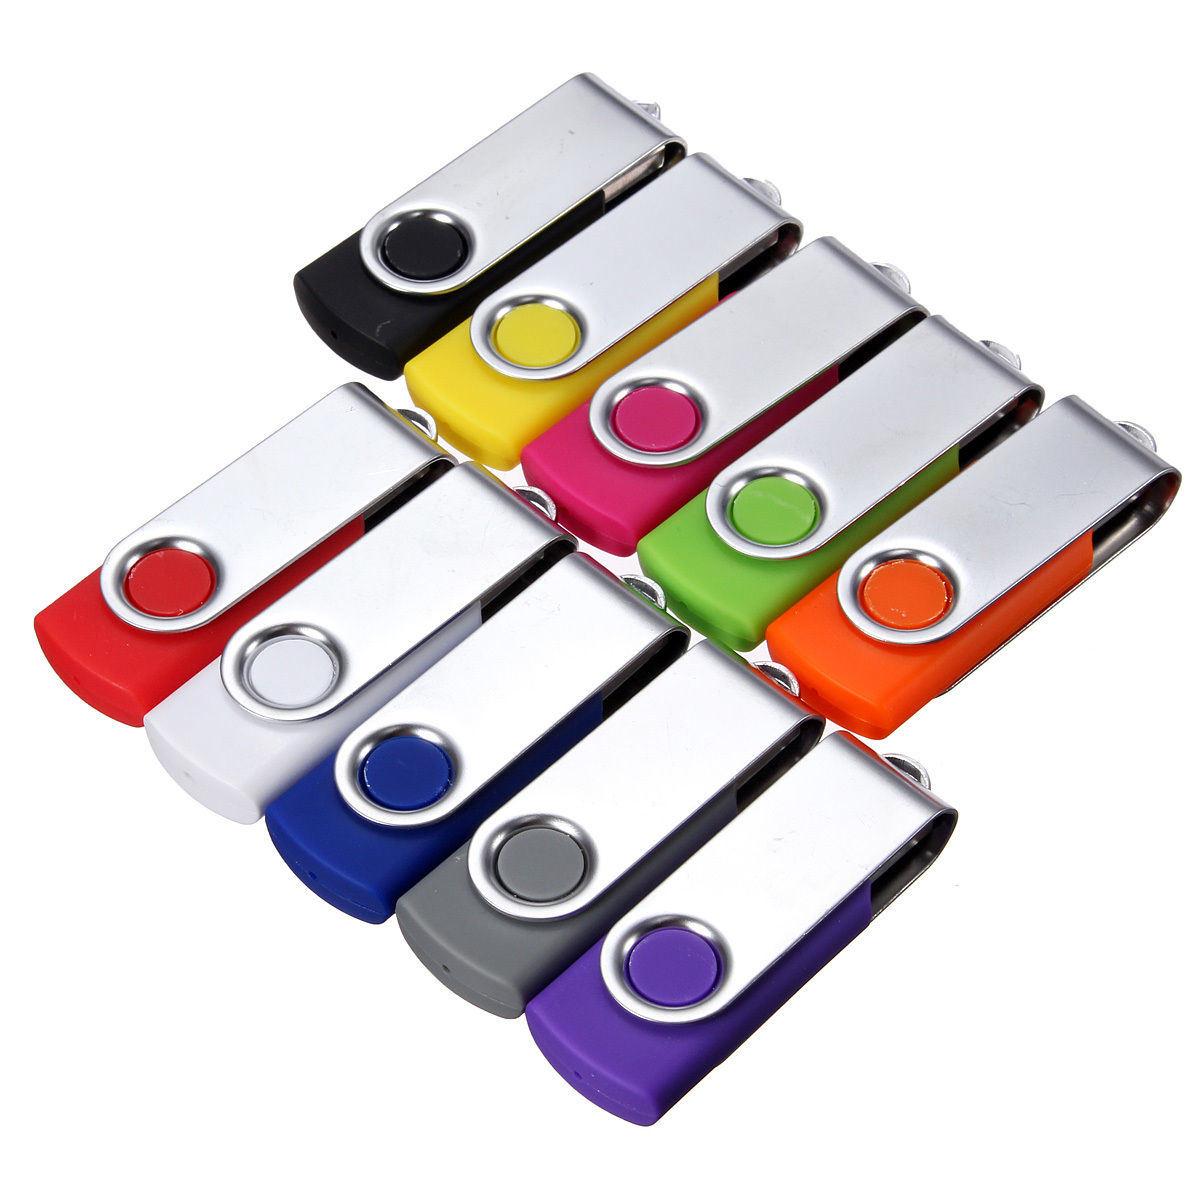 2g 4G 8g 16g 32g USB Flash Drive /Hard Disk